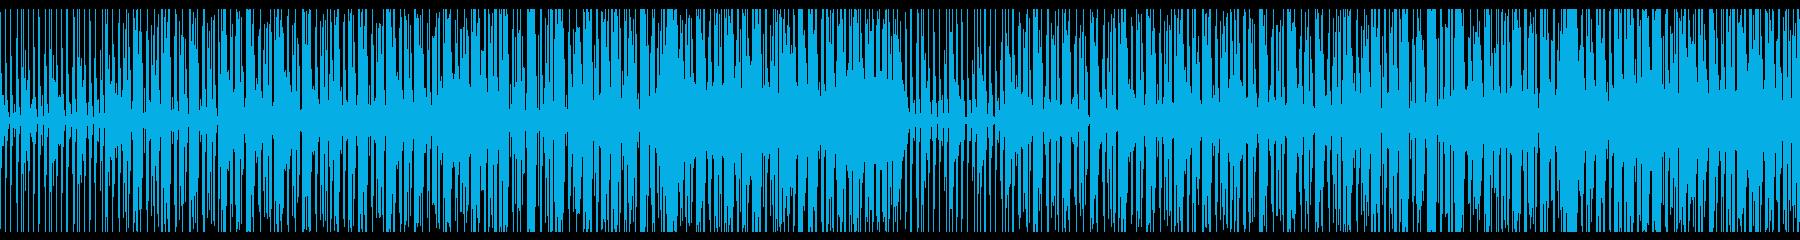 さわやかなアコースティックポップの再生済みの波形